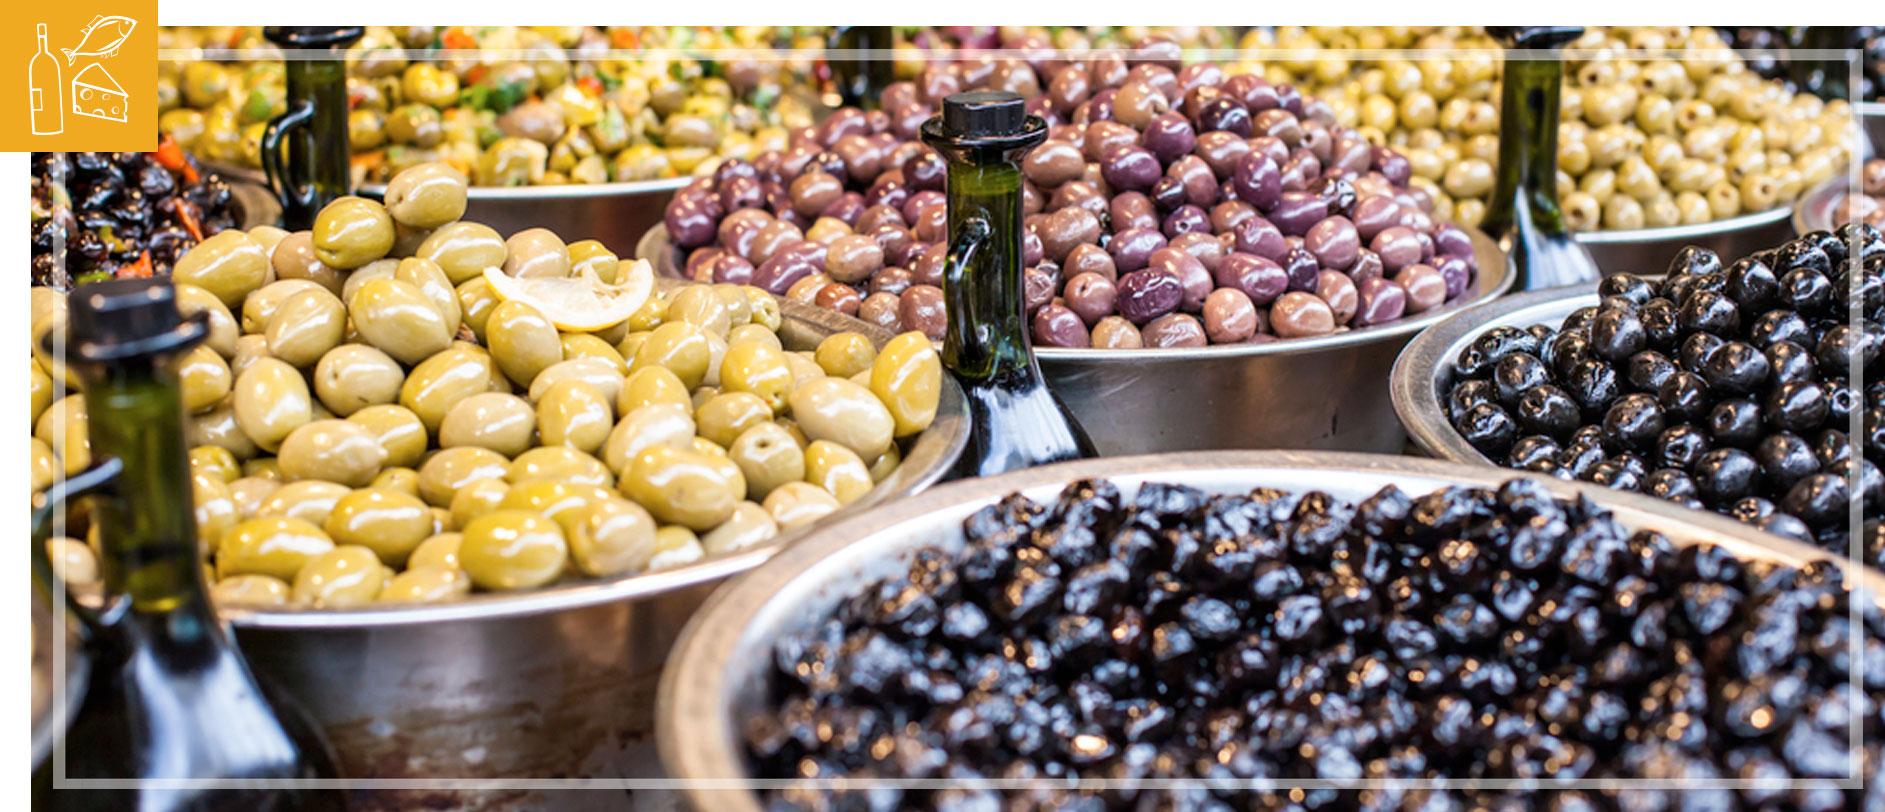 Food_markets_bnr_2_2